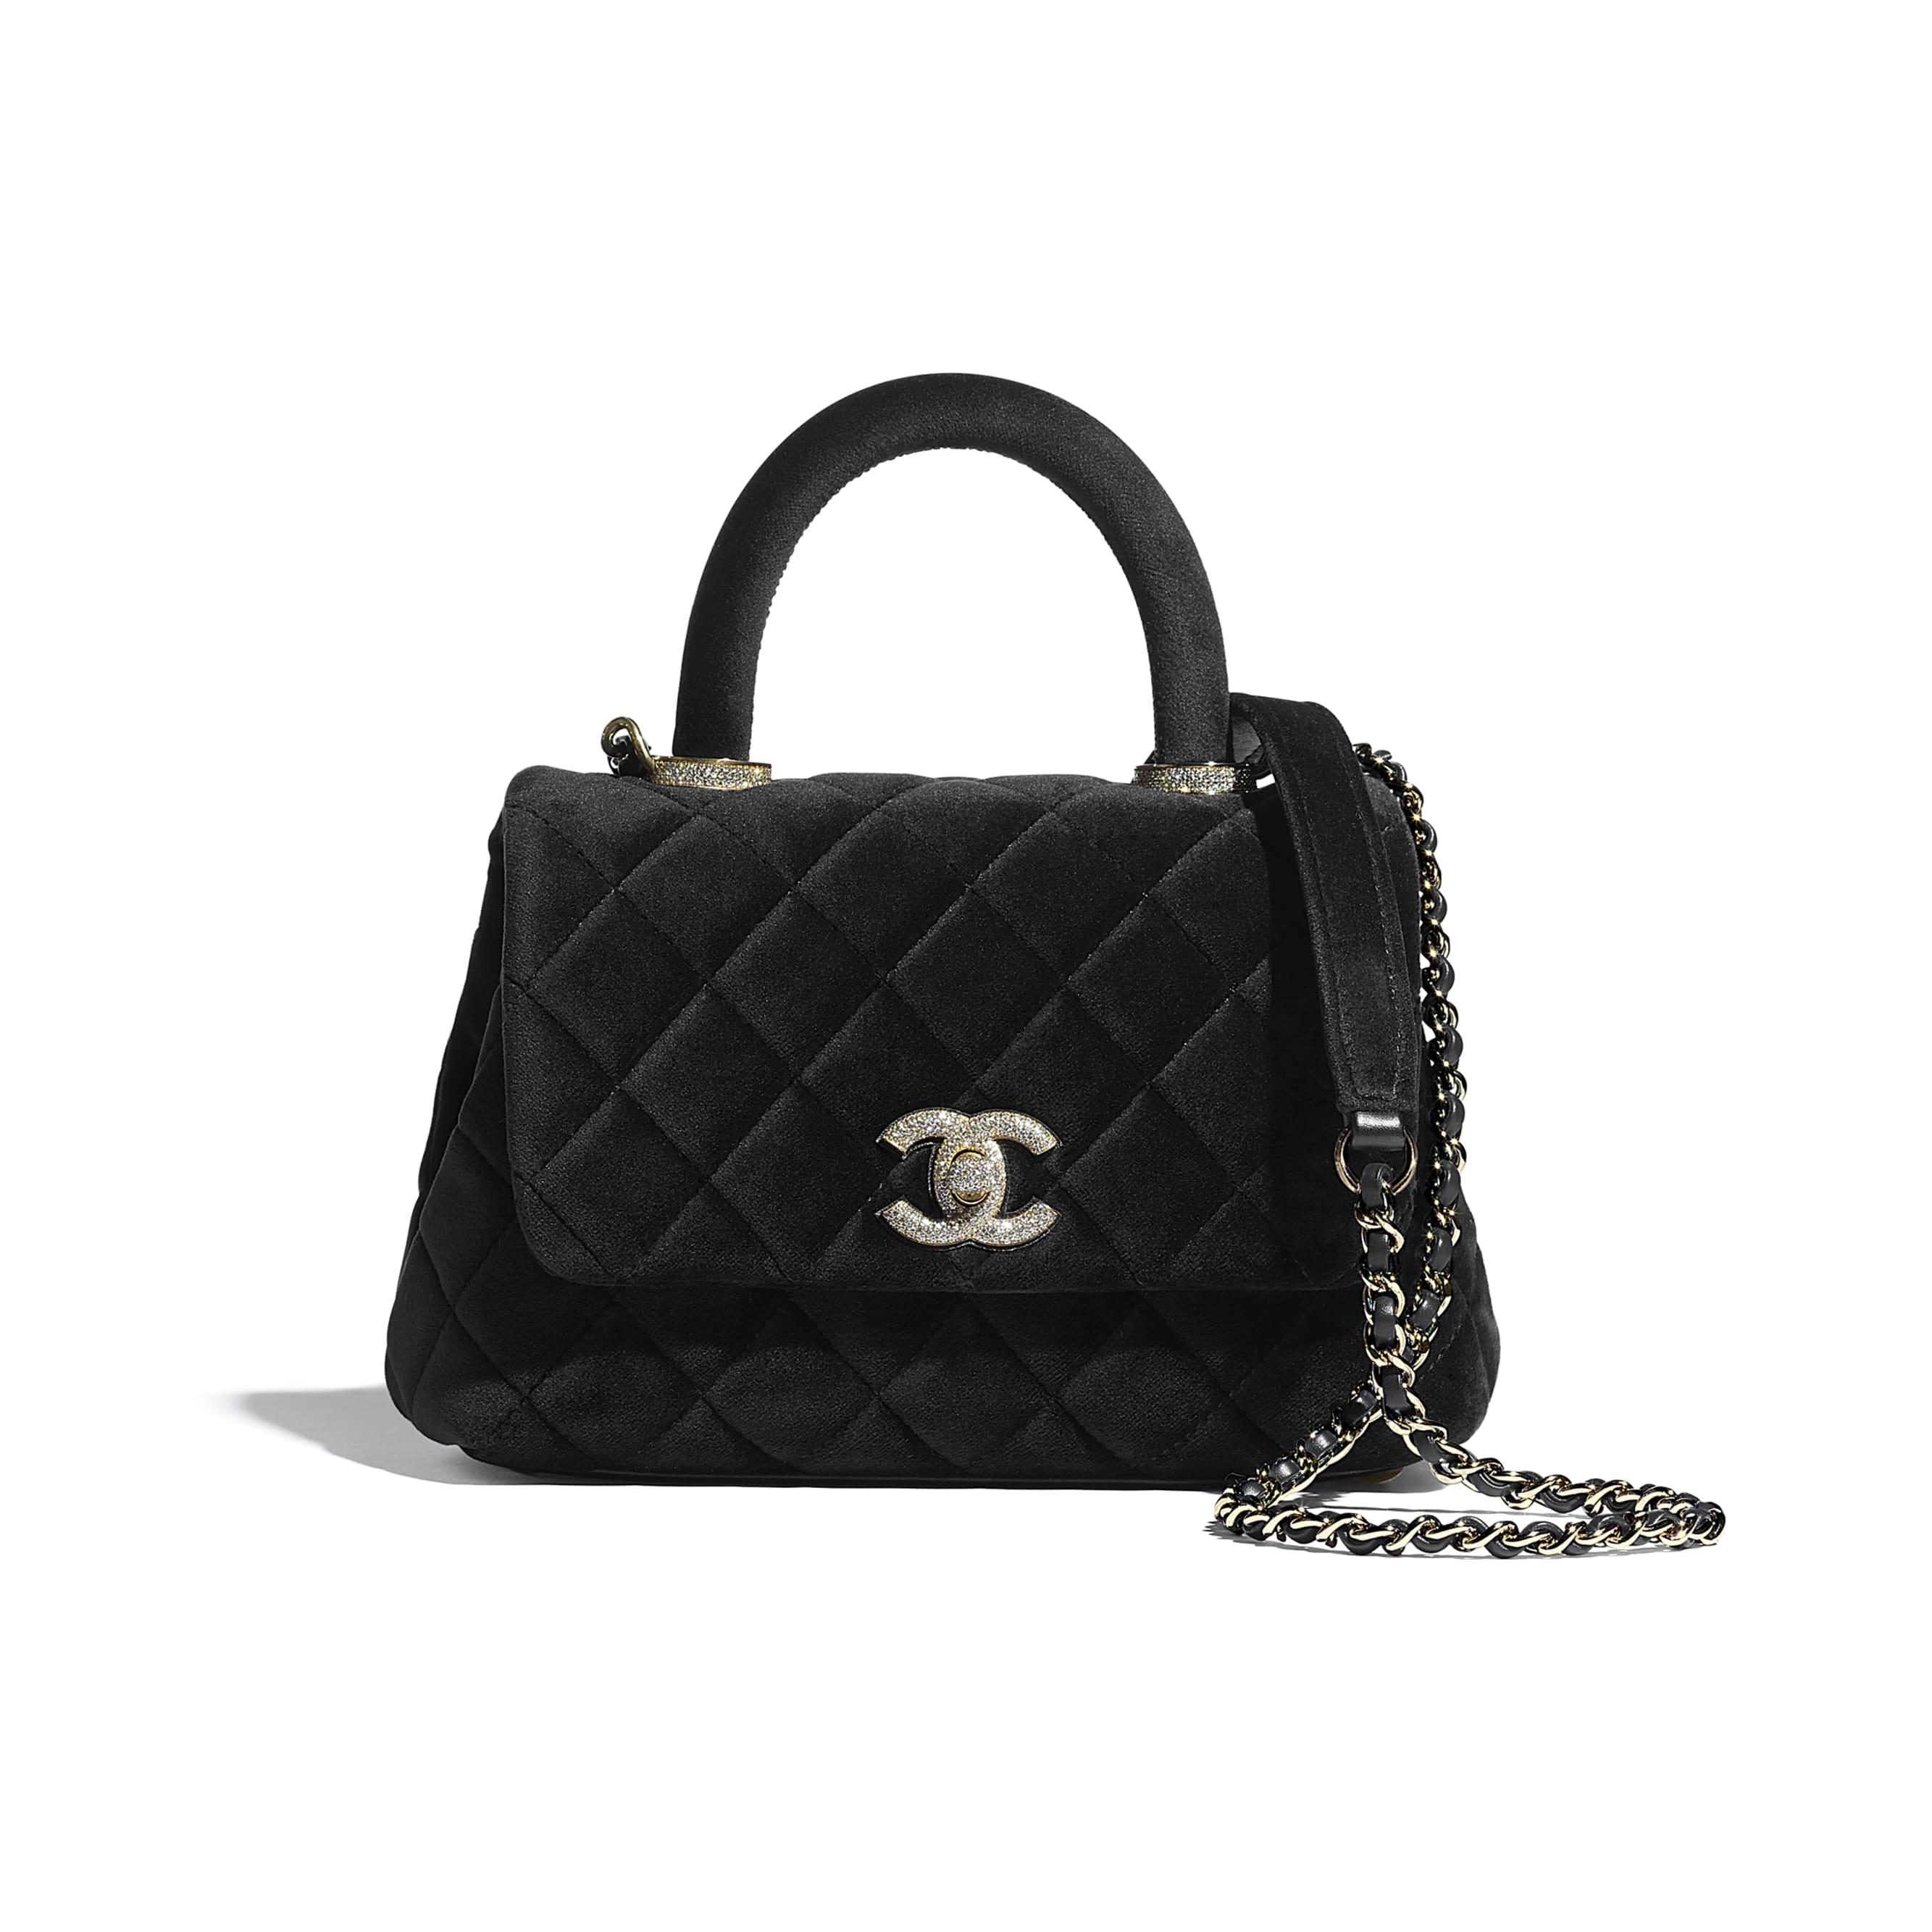 Mini Flap Bag with Handle - Black - Velvet, Diamanté & Gold-Tone Metal - CHANEL - Default view - see standard sized version